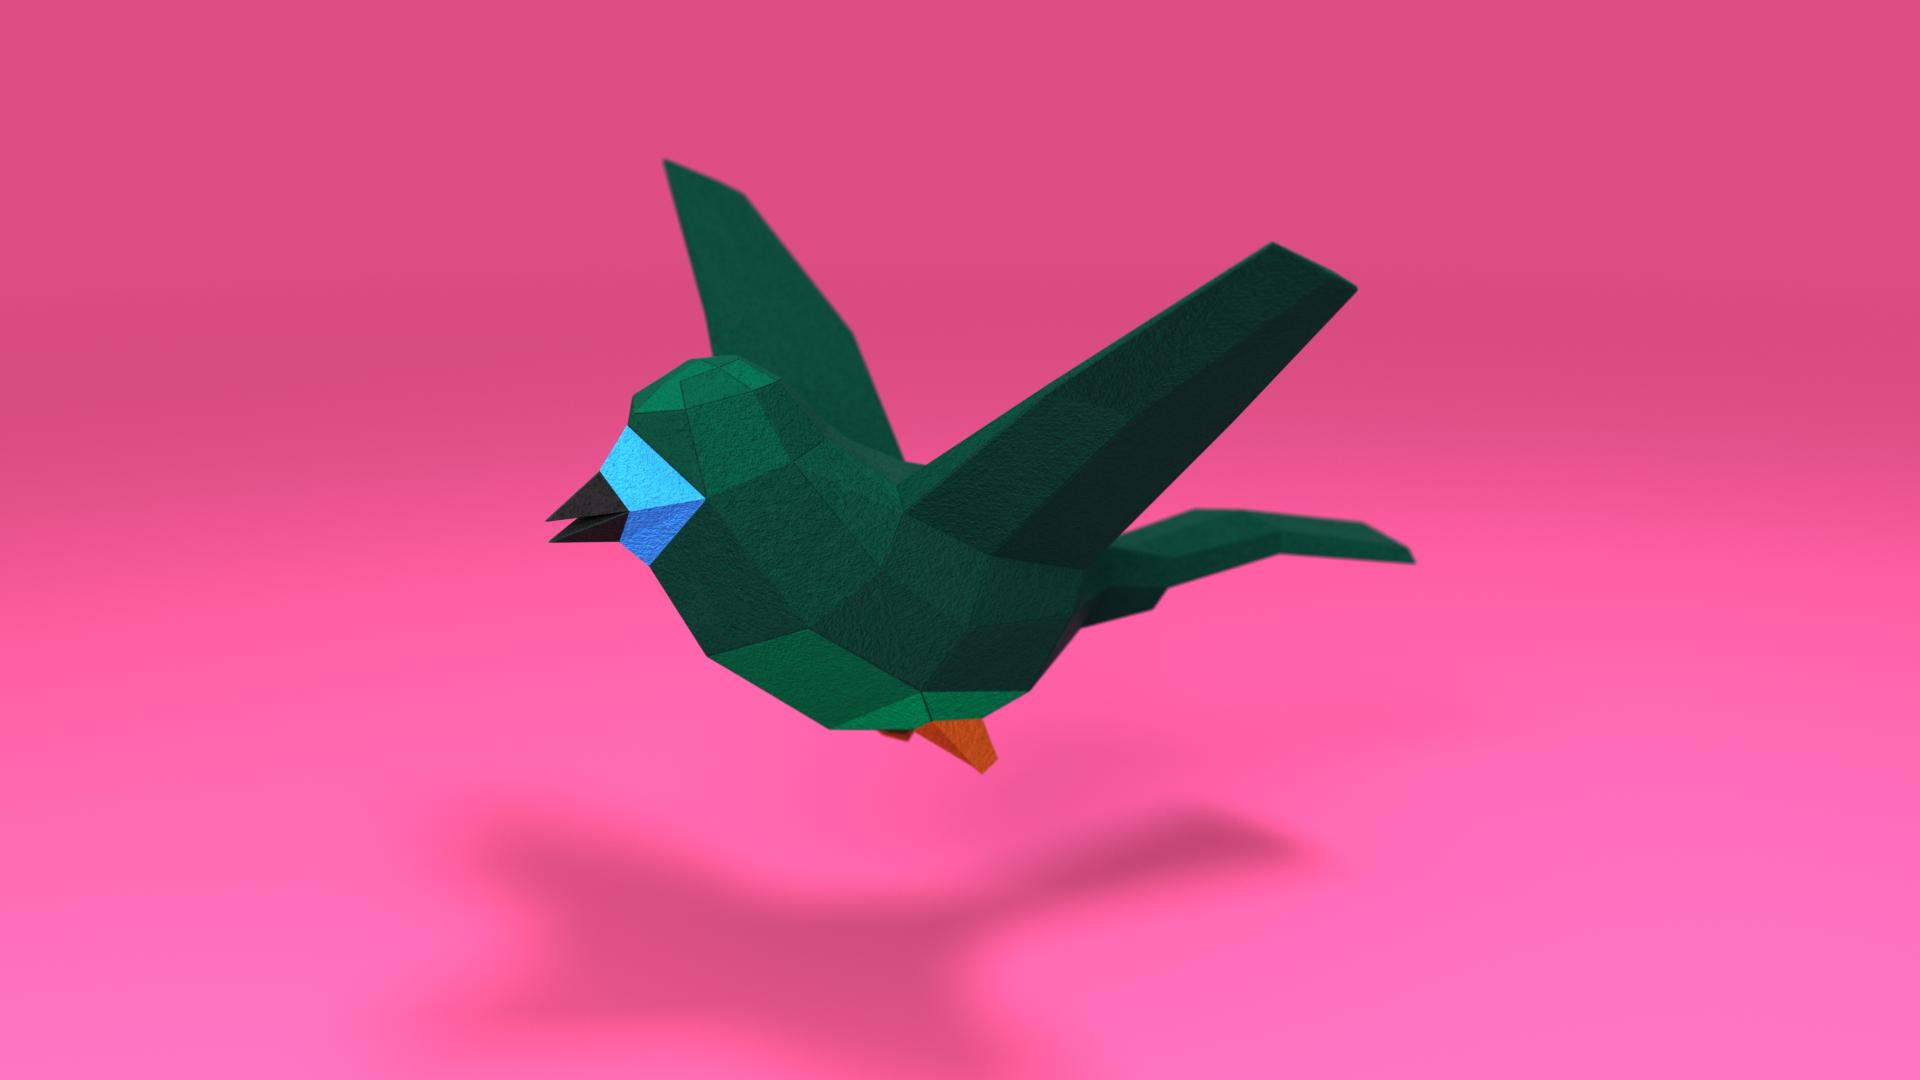 Bird_01_0007